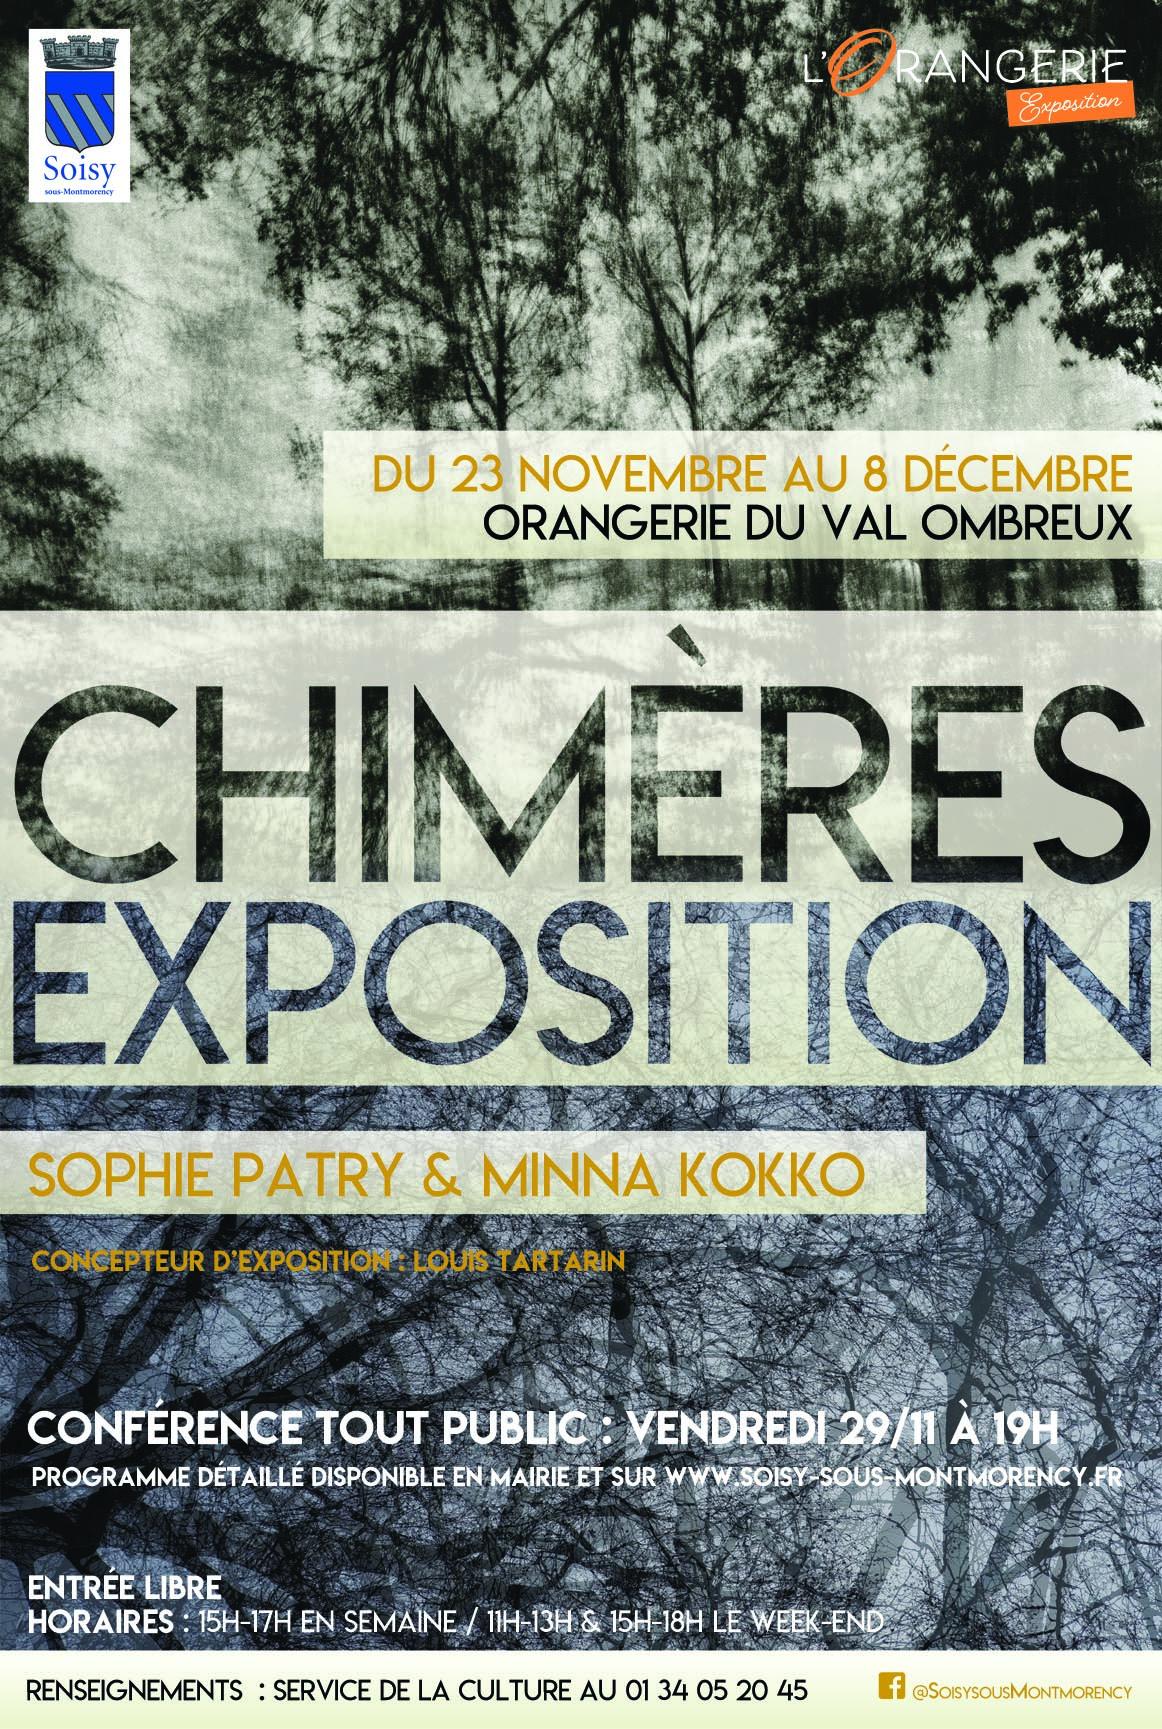 Exposition de Sophie Patry et Minna Kokko